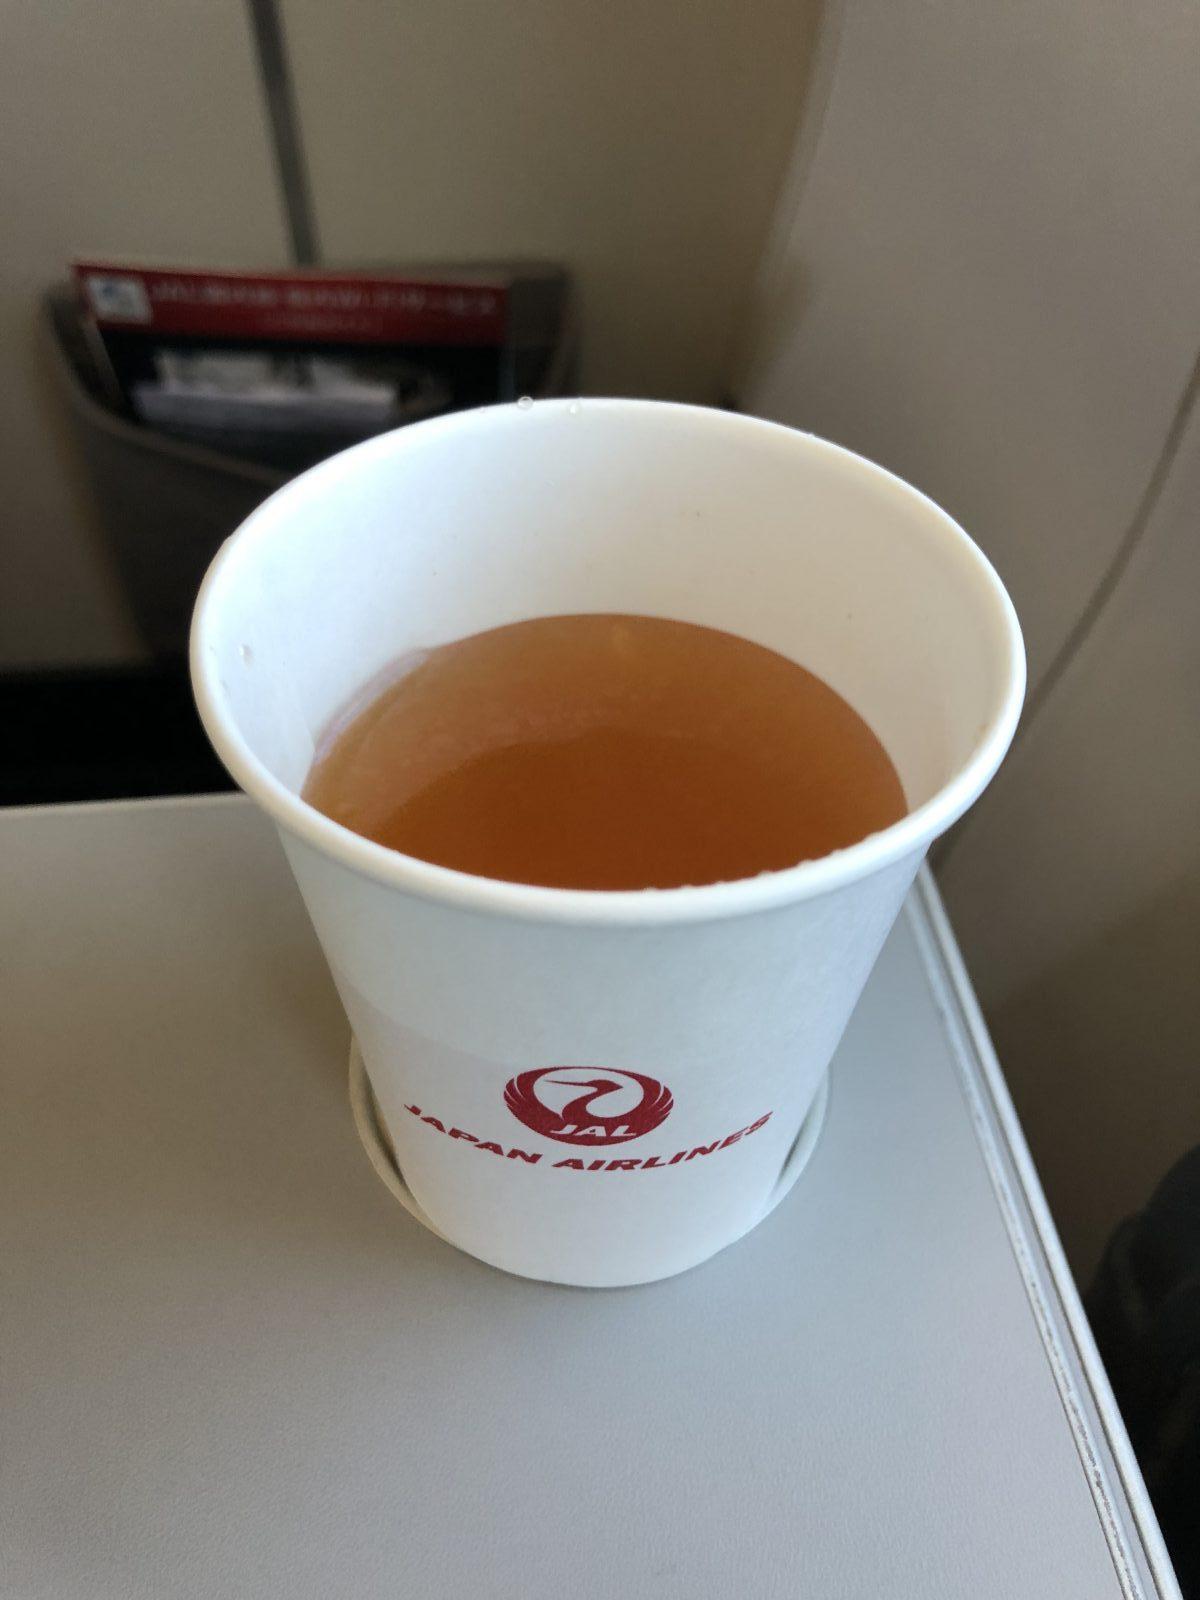 どこかにマイルで行く宮崎・鹿児島紀行 その2 日本航空687便 東京(羽田)→宮崎 搭乗記